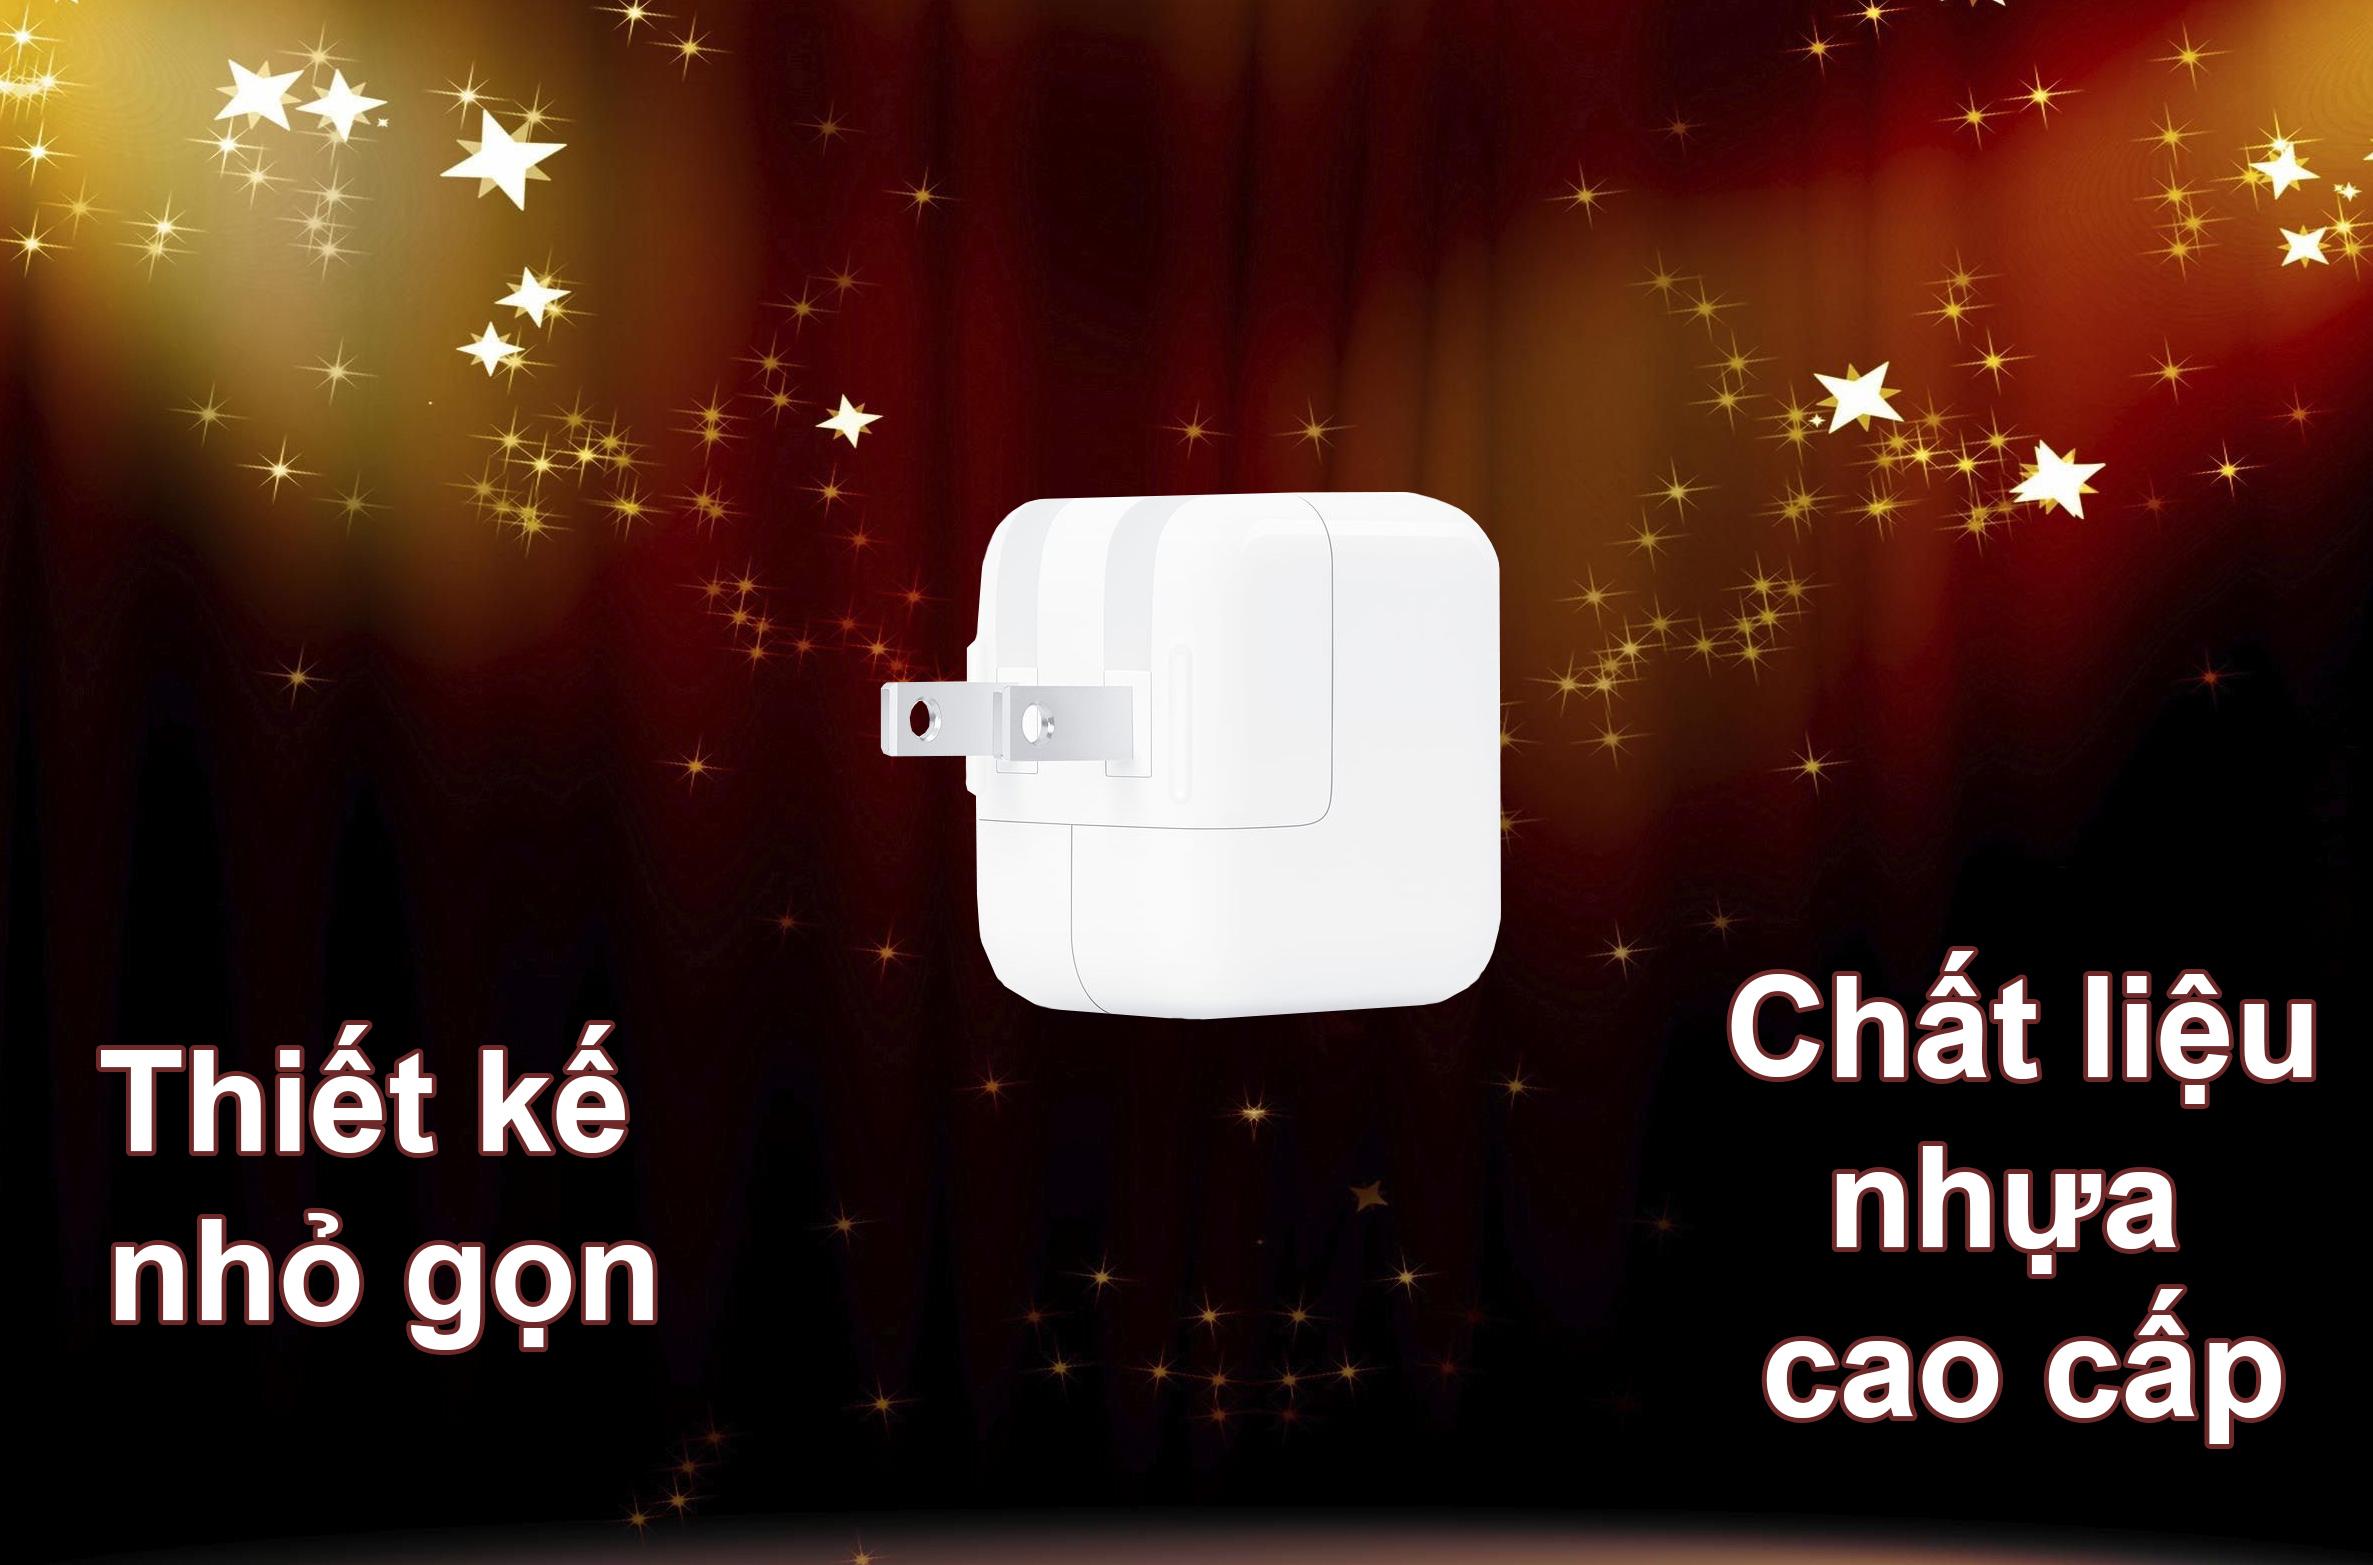 Apple 12W USB Power | Thiết kế nhỏ gọn, chất liệu nhựa cao cấp